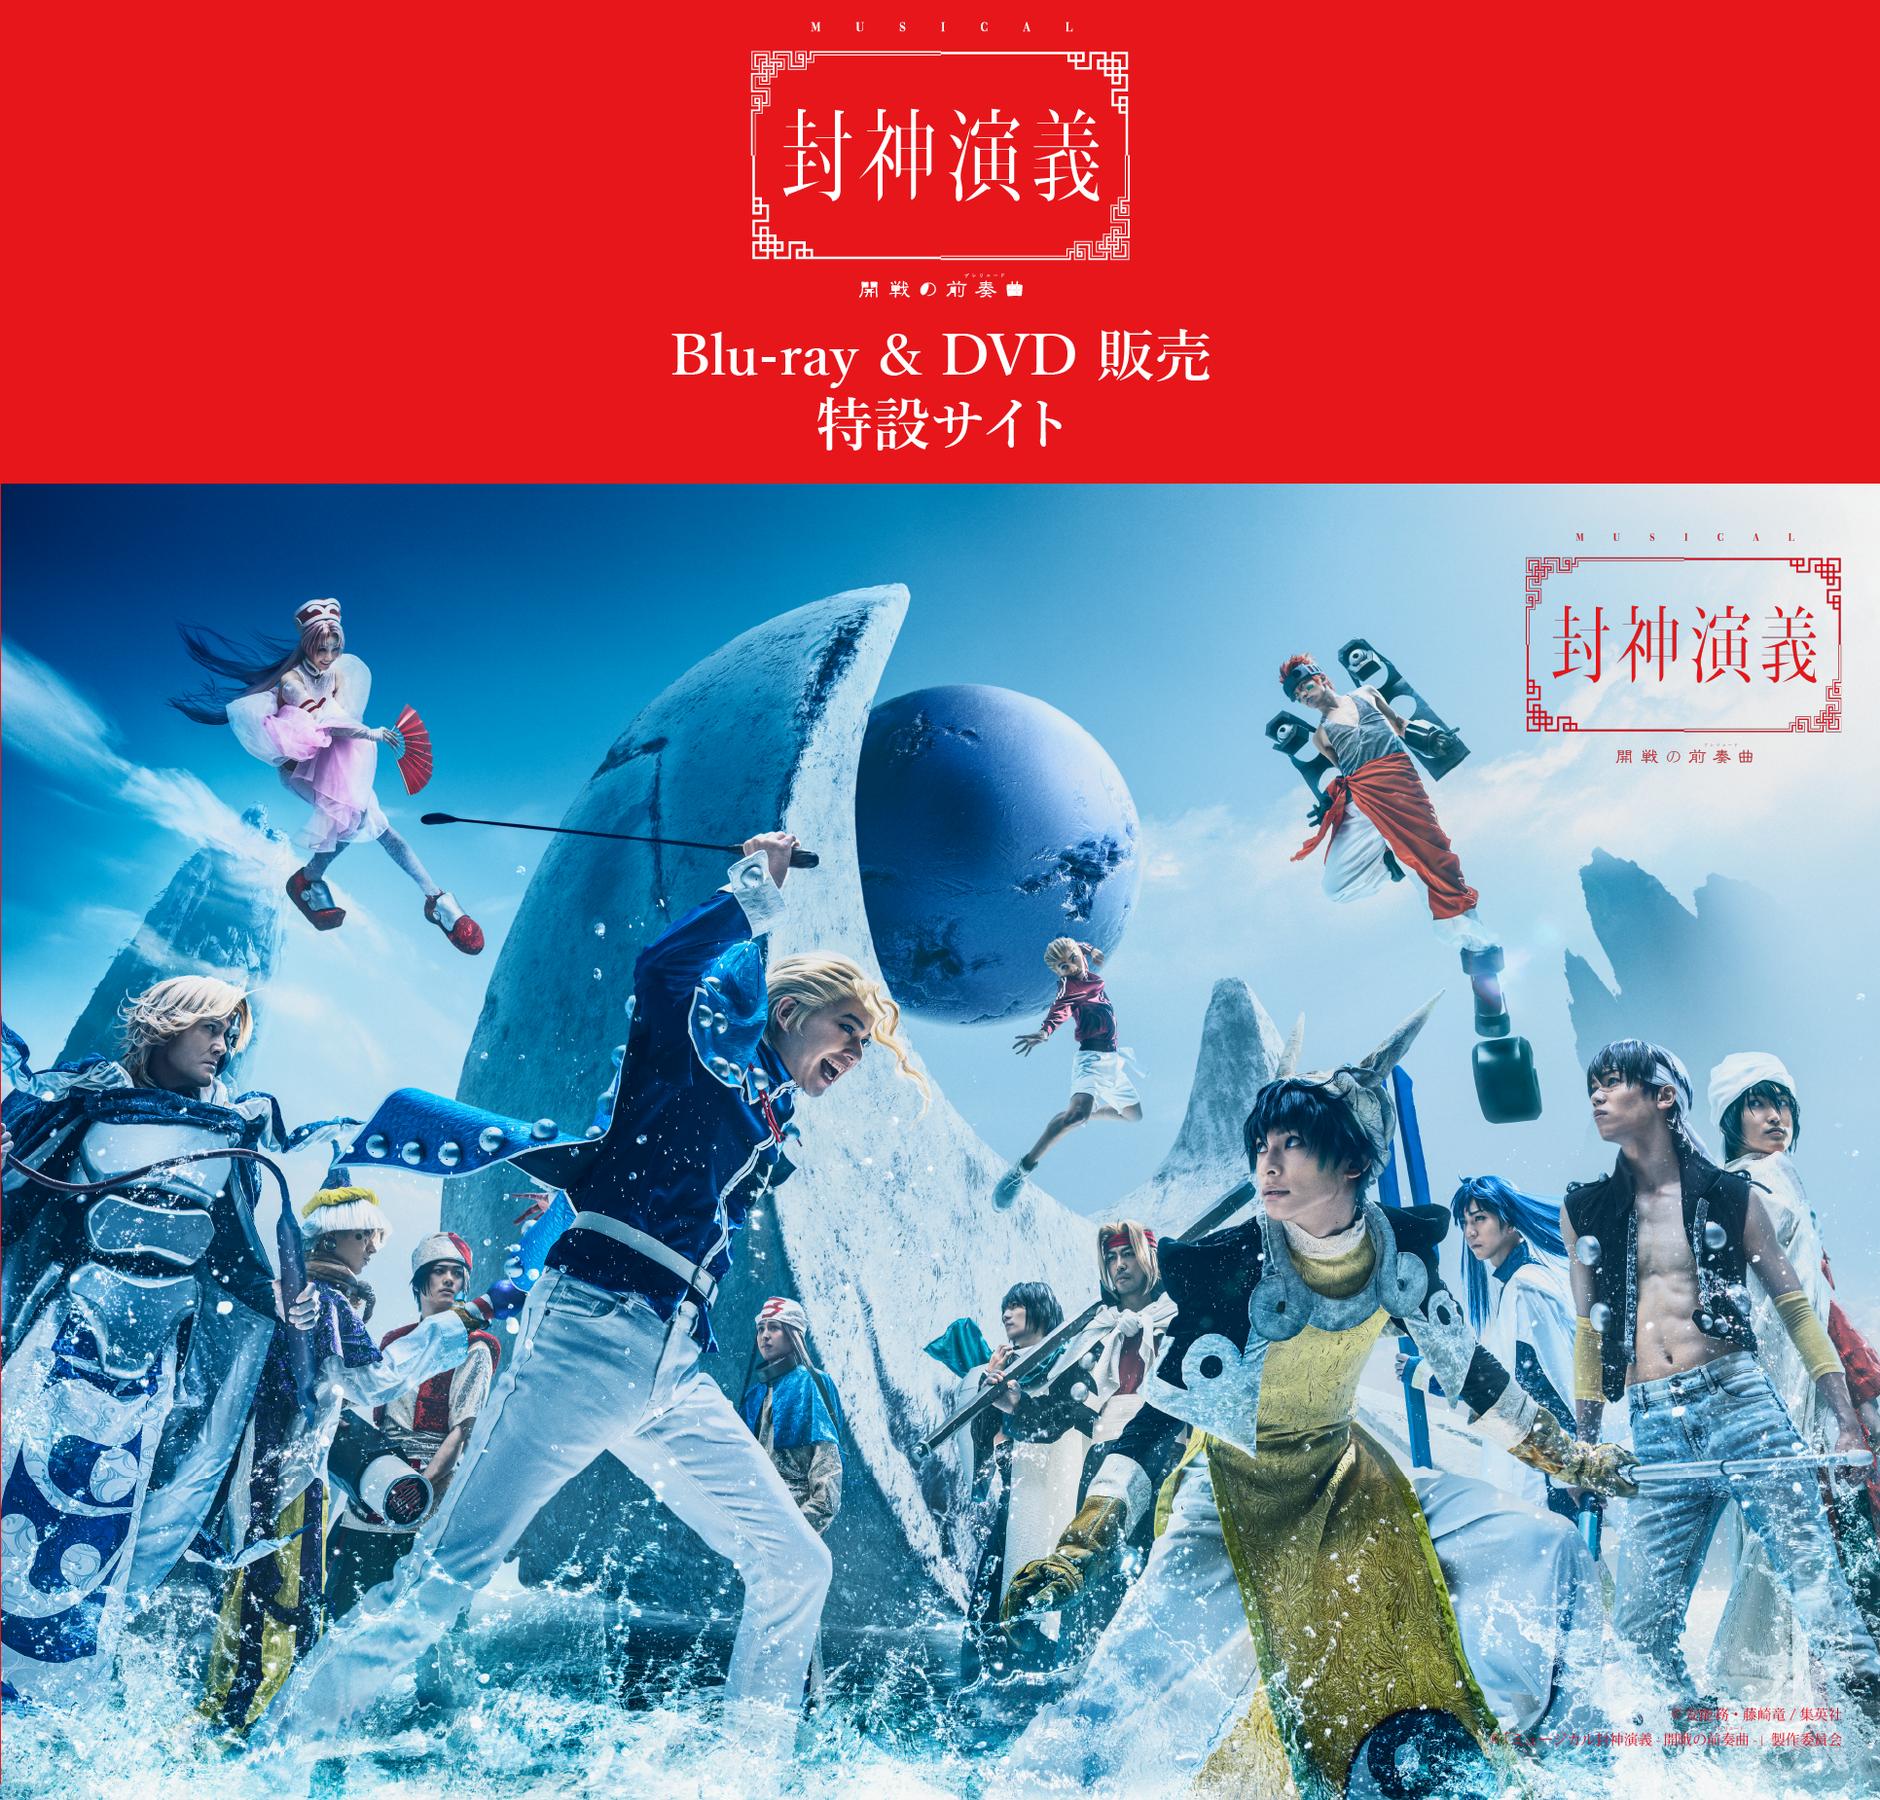 「ミュージカル封神演義-開戦の前奏曲-」BD&DVD販売特設サイト